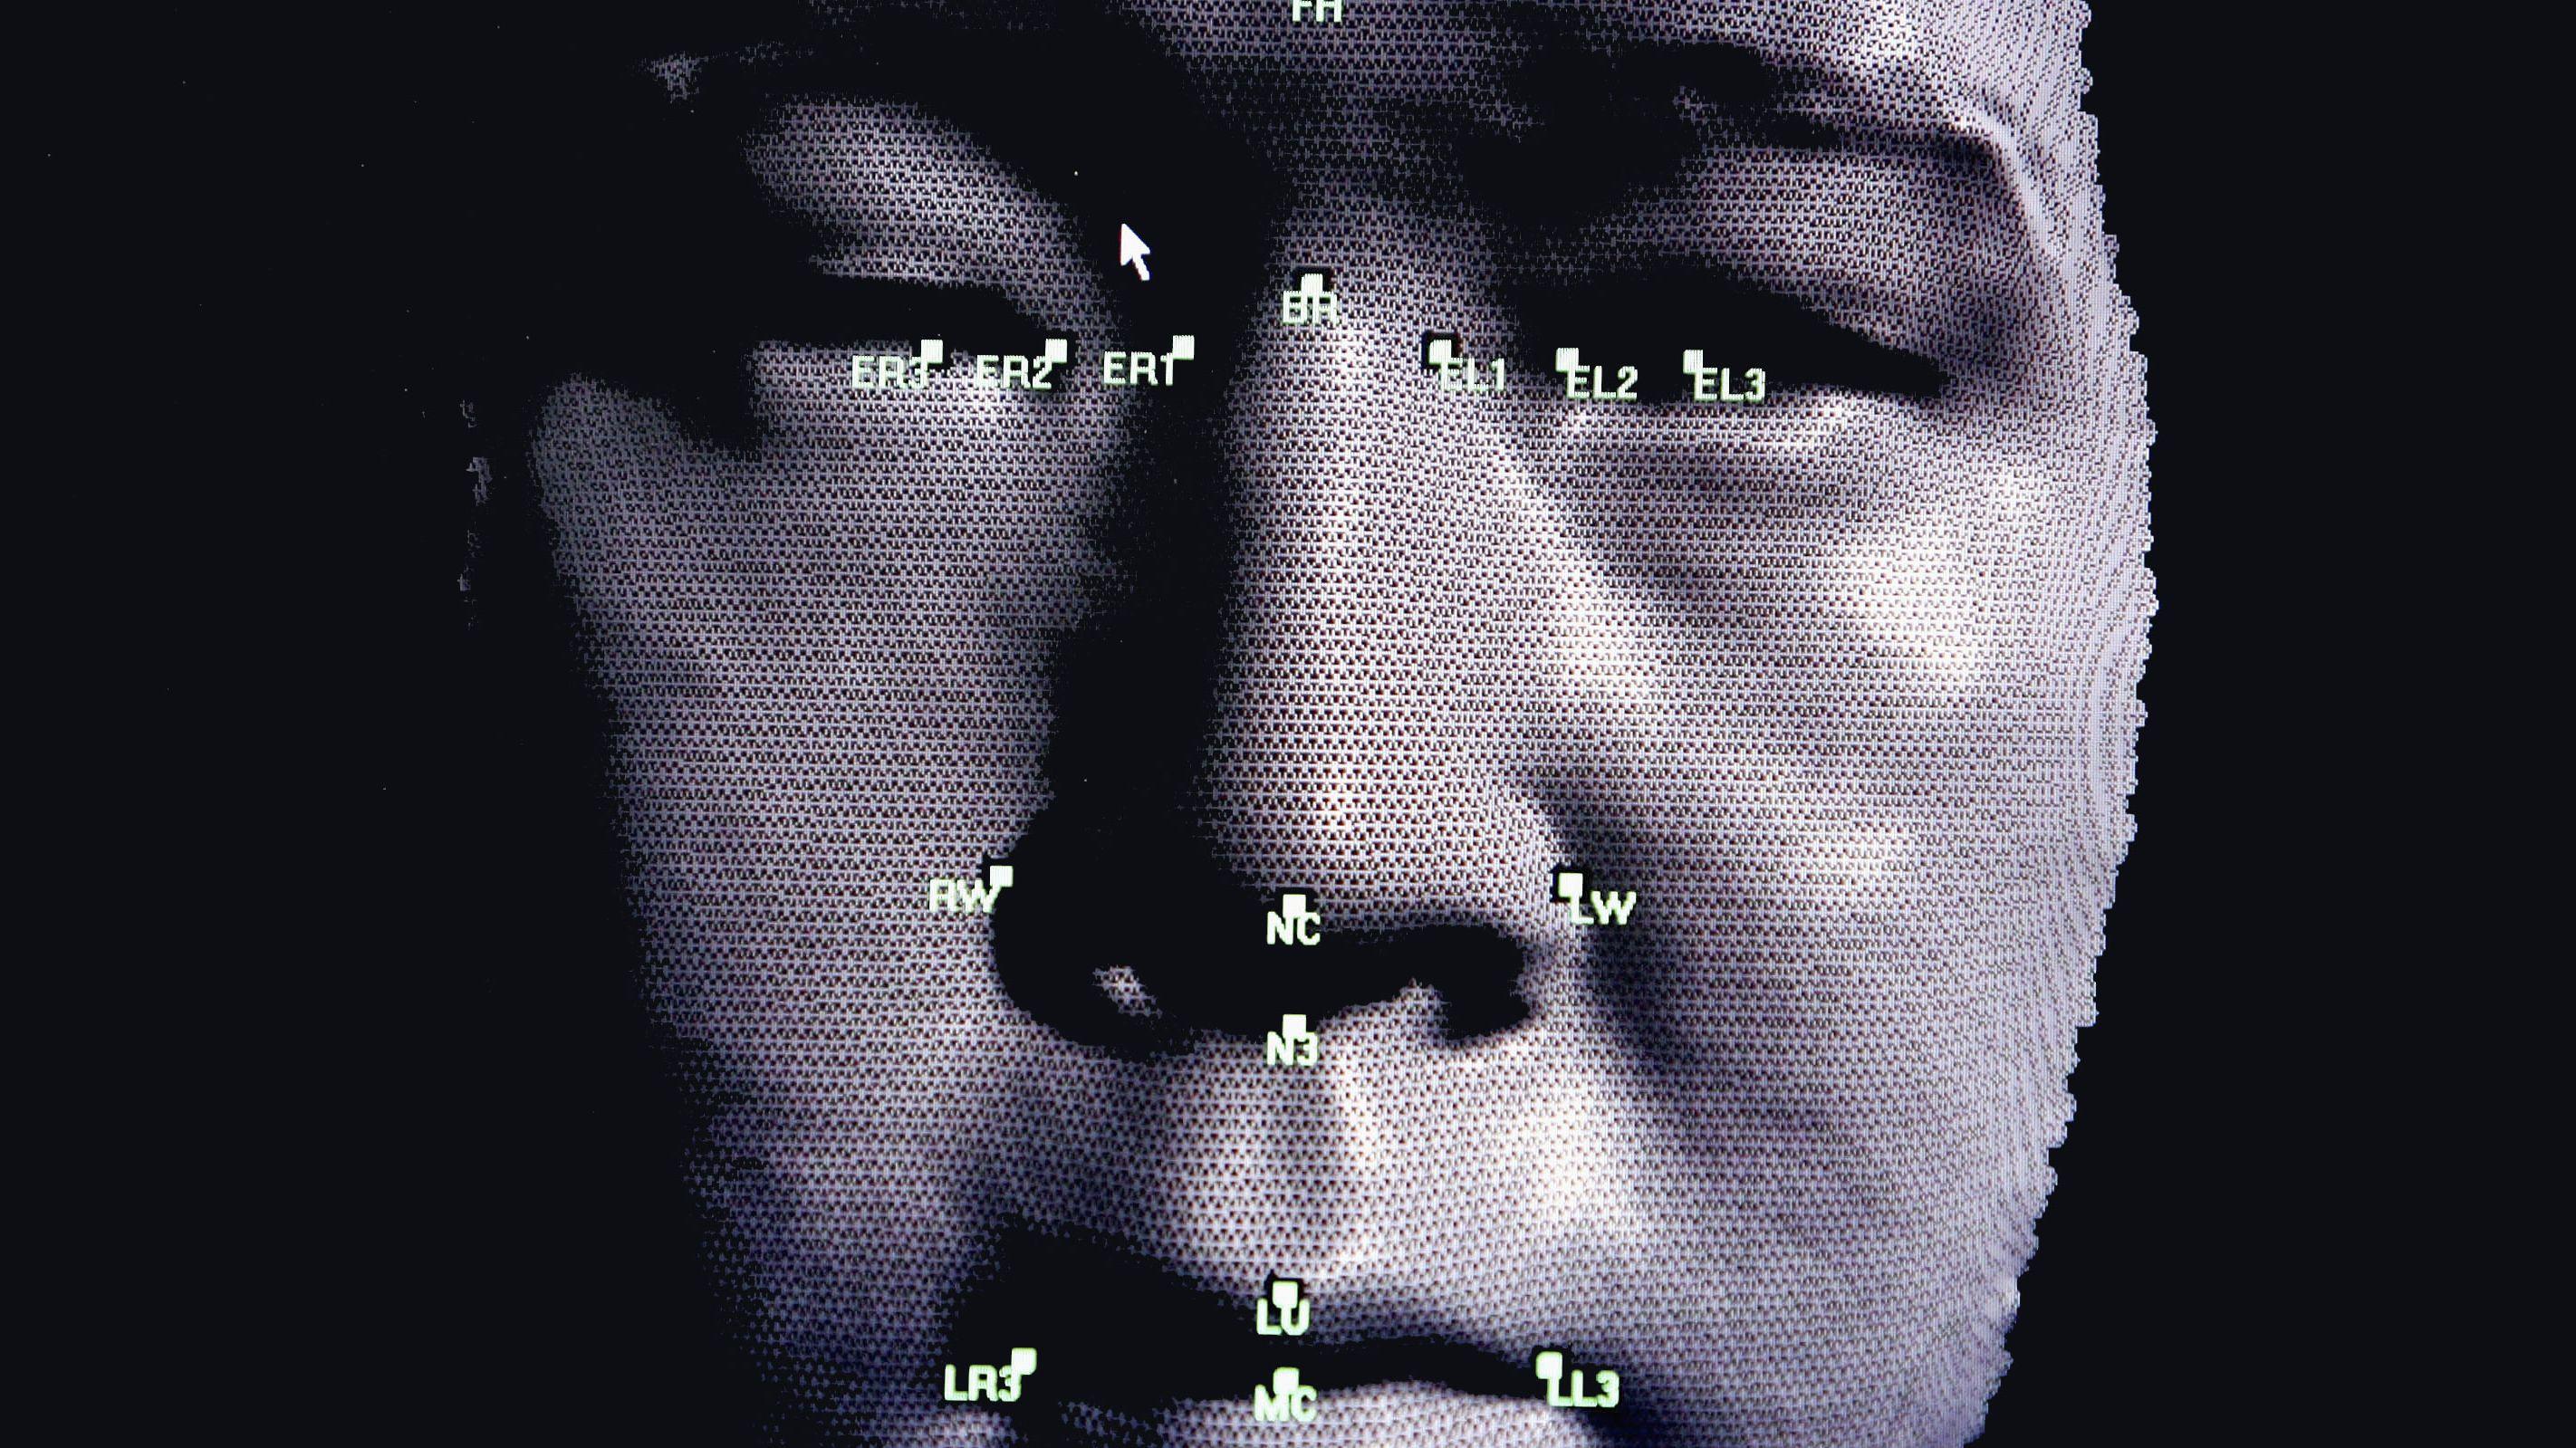 無規制に広がる「顔認識」 利便性の裏に潜む 監視・差別のリスク